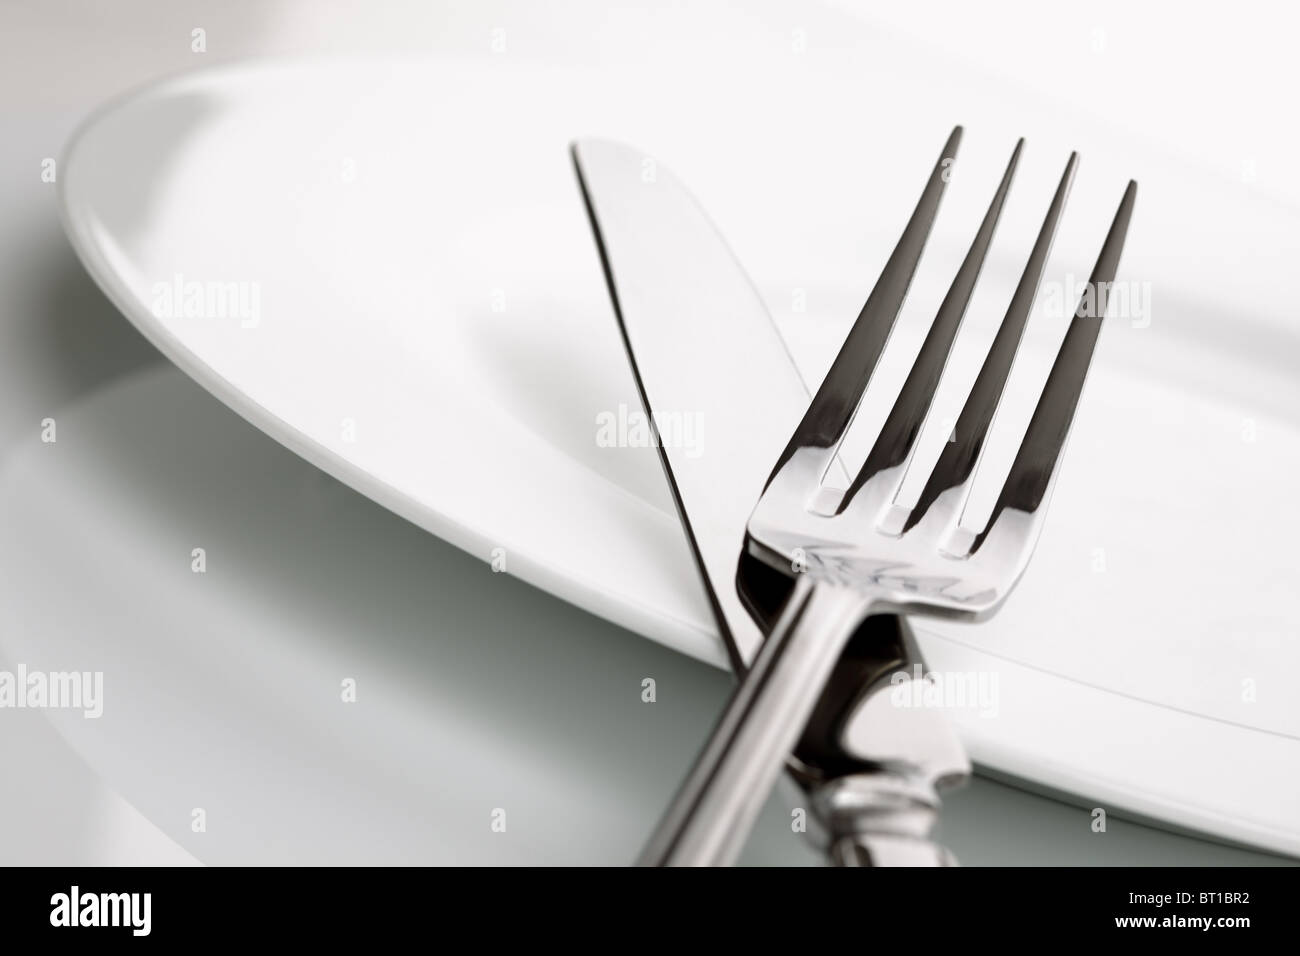 La cena piastra, coltello e forchetta argenteria Immagini Stock